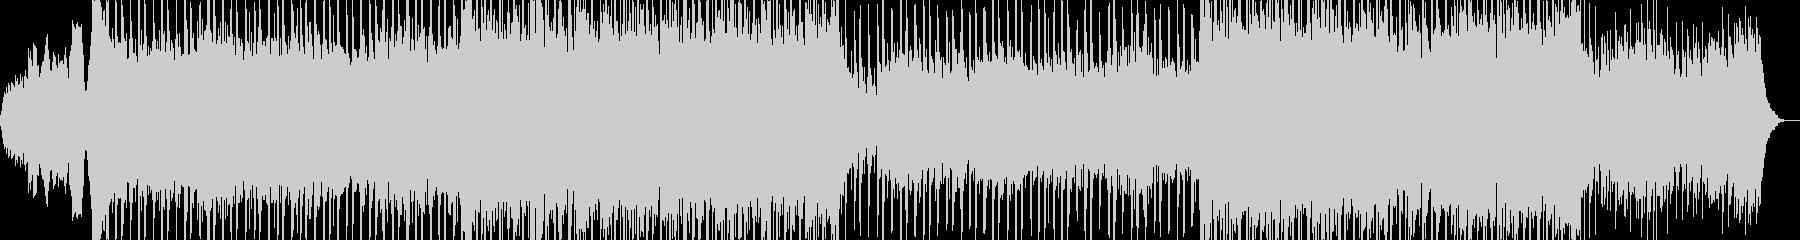 カッコイイ現代的なシンセミュージック01の未再生の波形